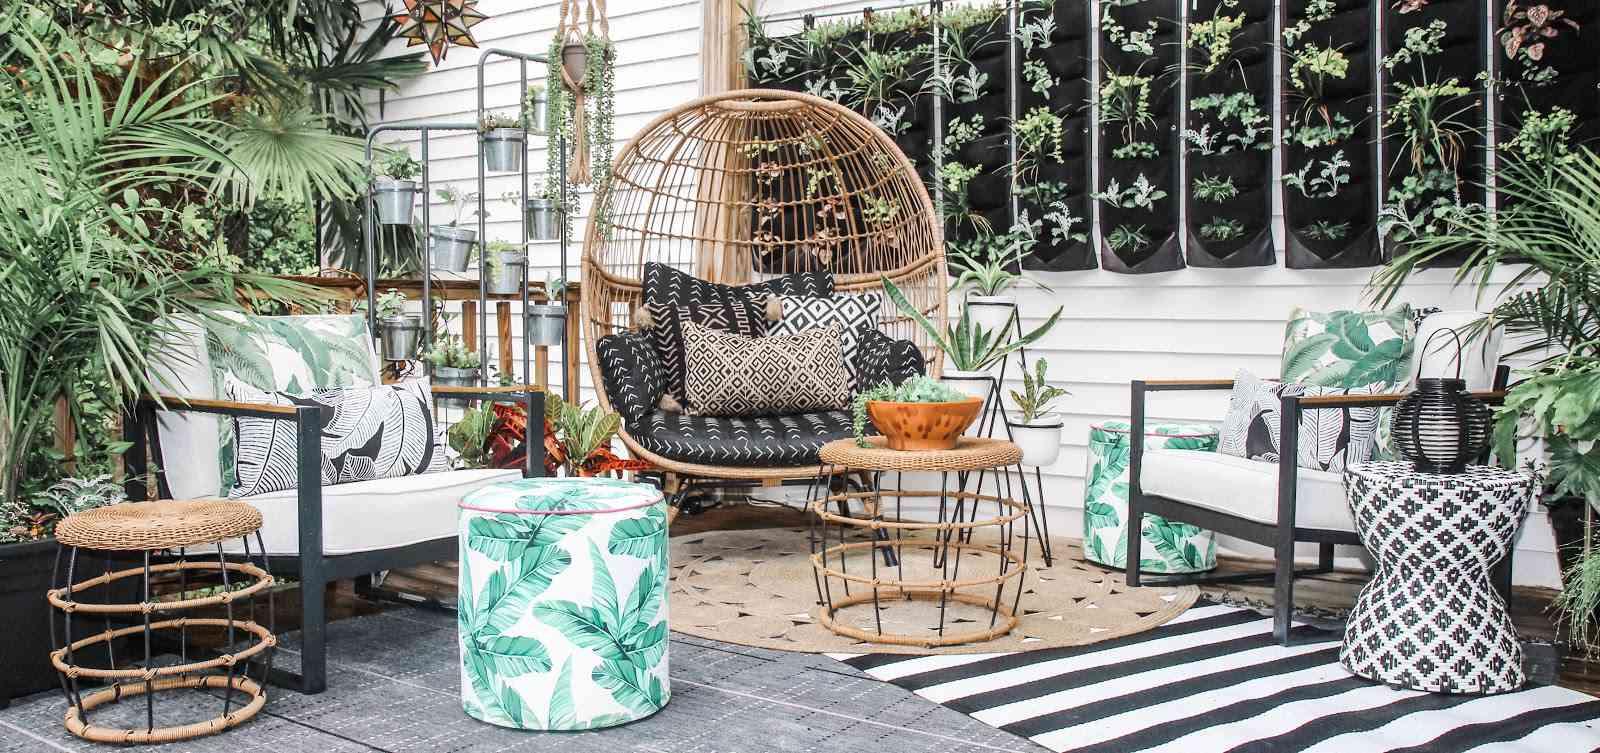 back patio boho style